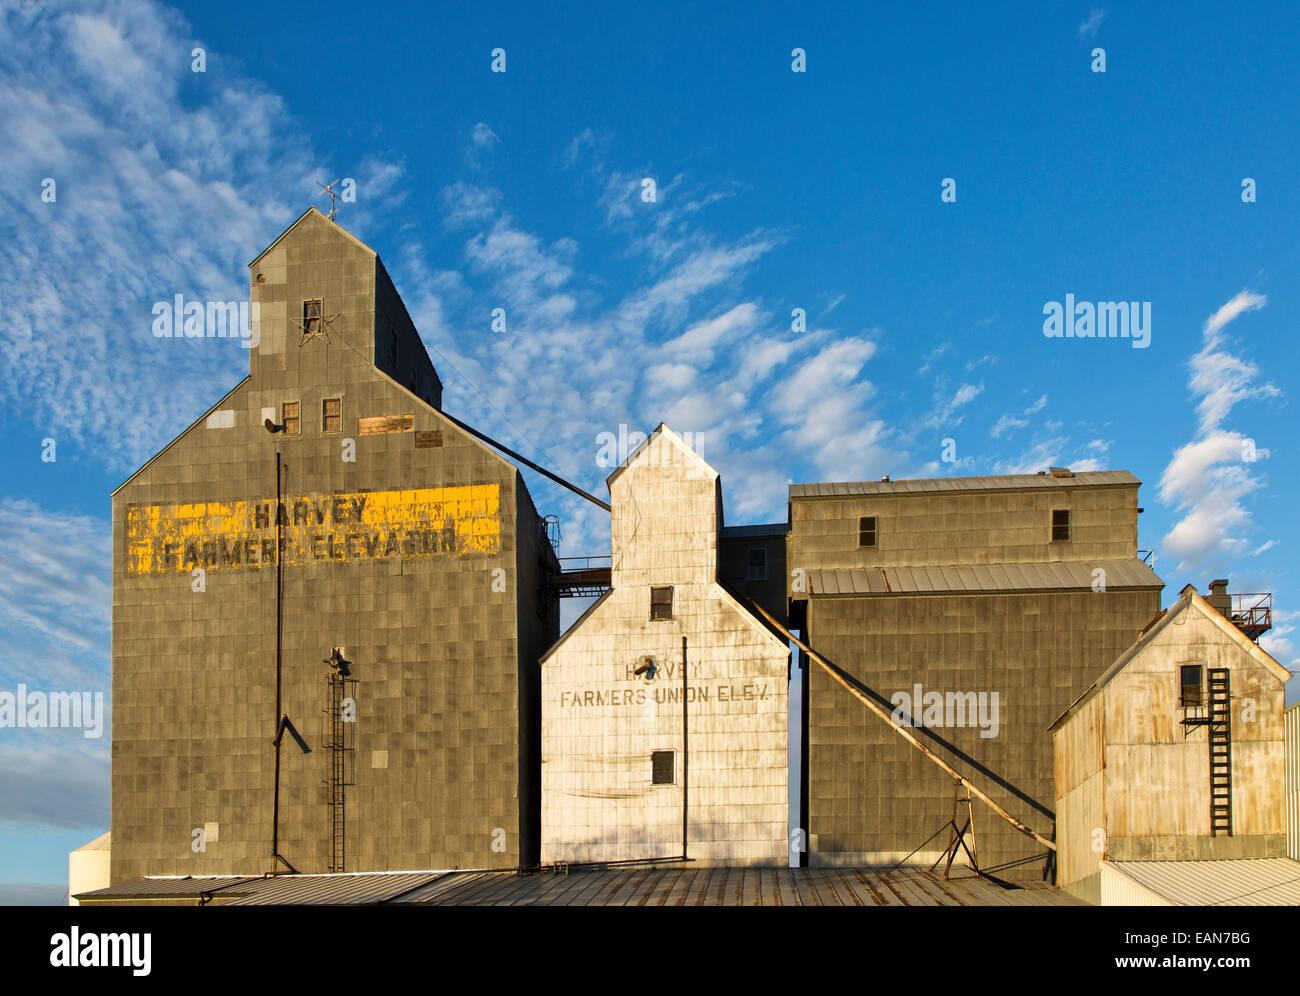 Harvey & Elevador de los agricultores Los agricultores de más edad Europea ascensor. Imagen De Stock